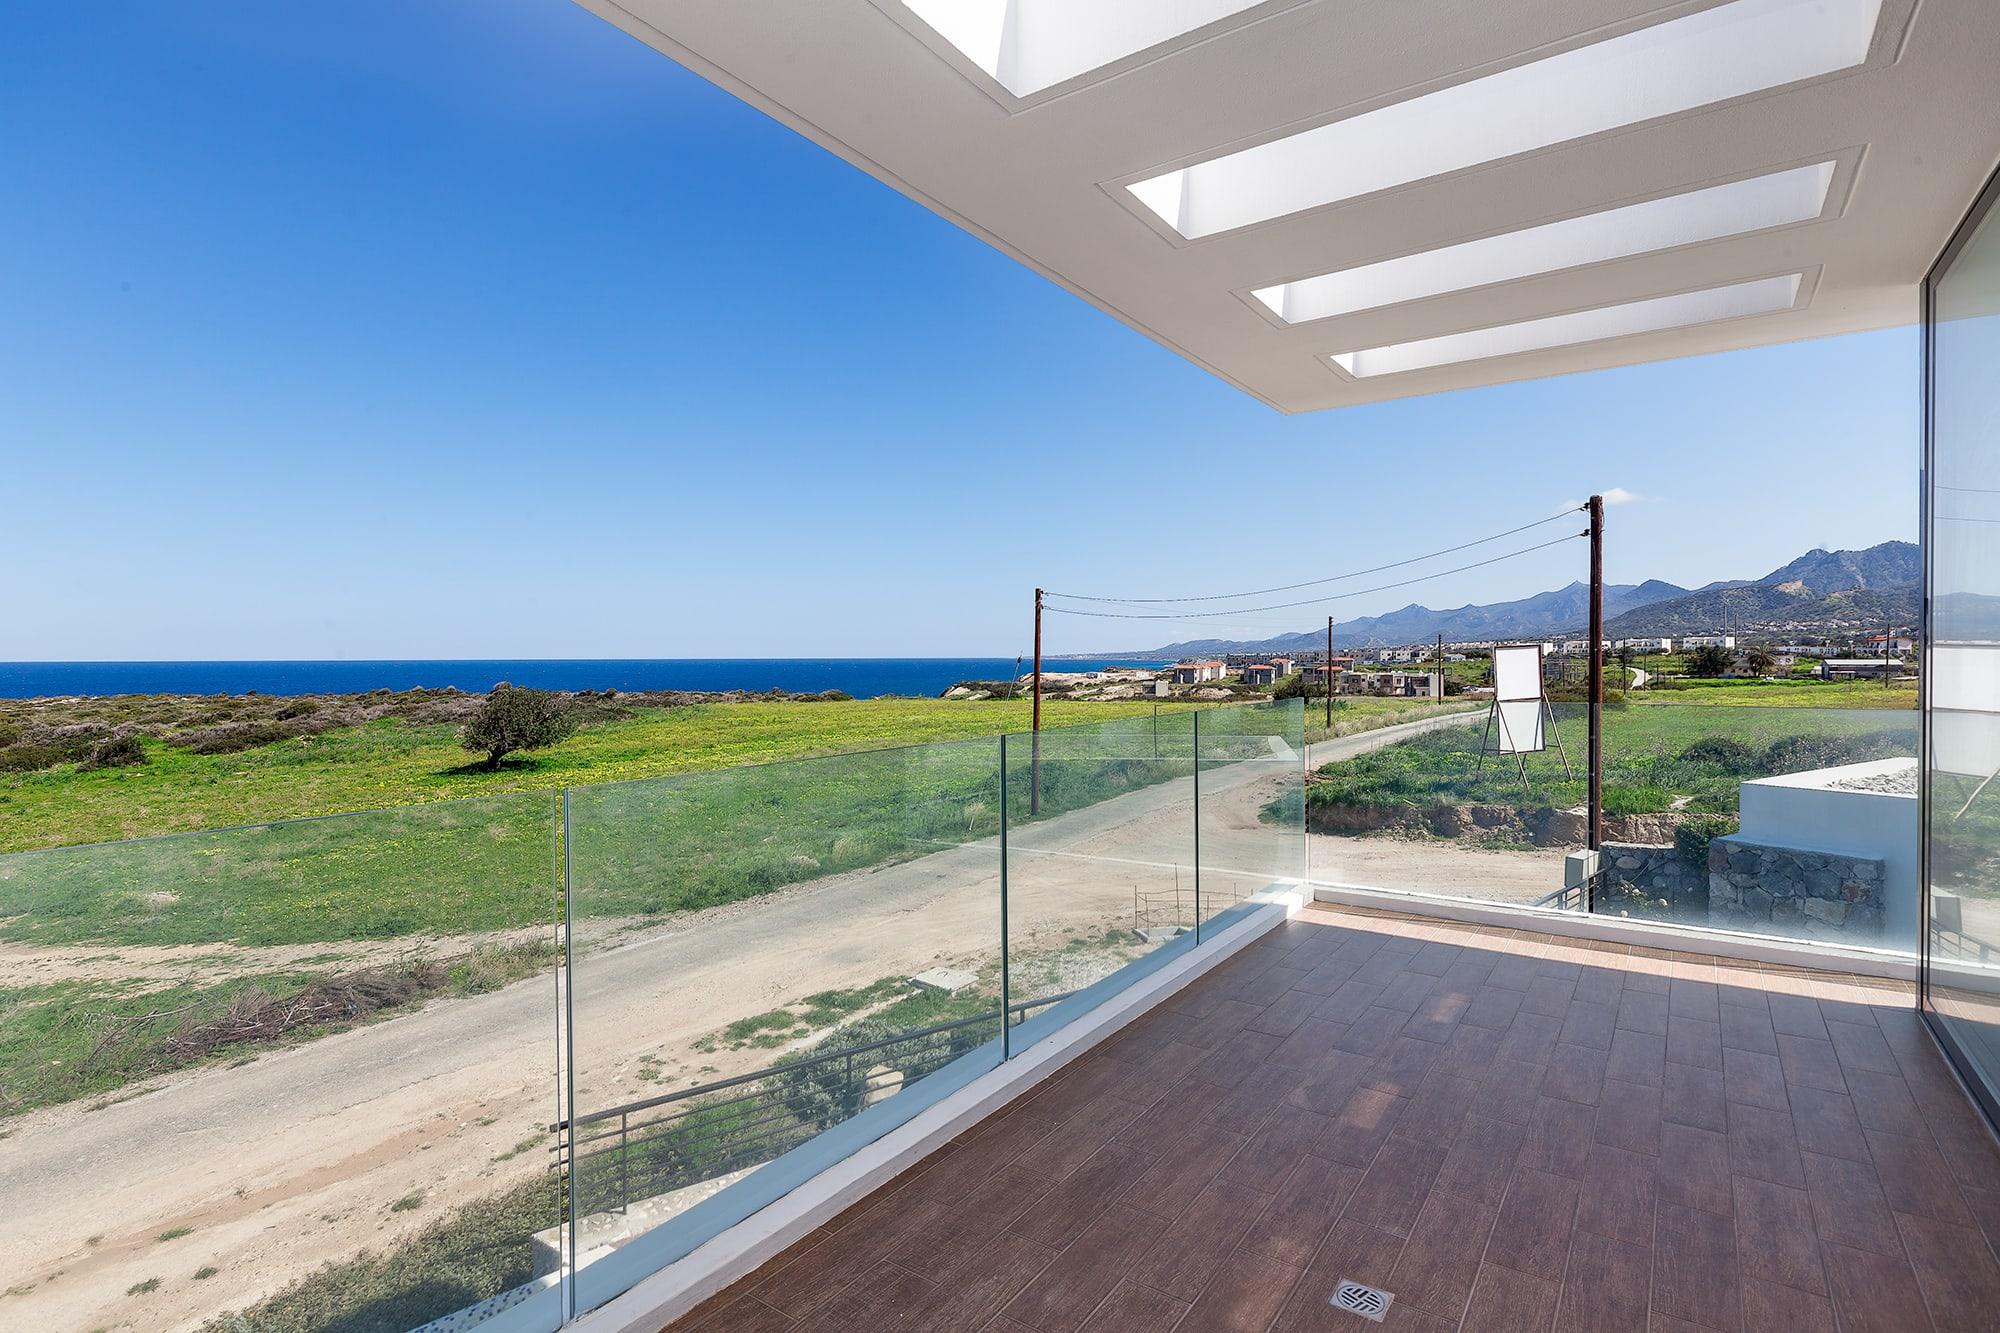 Bahçeli'de Satılık Denize Sıfır 3 Yatak Odalı ve Özel Havuzlu Villalar 9875